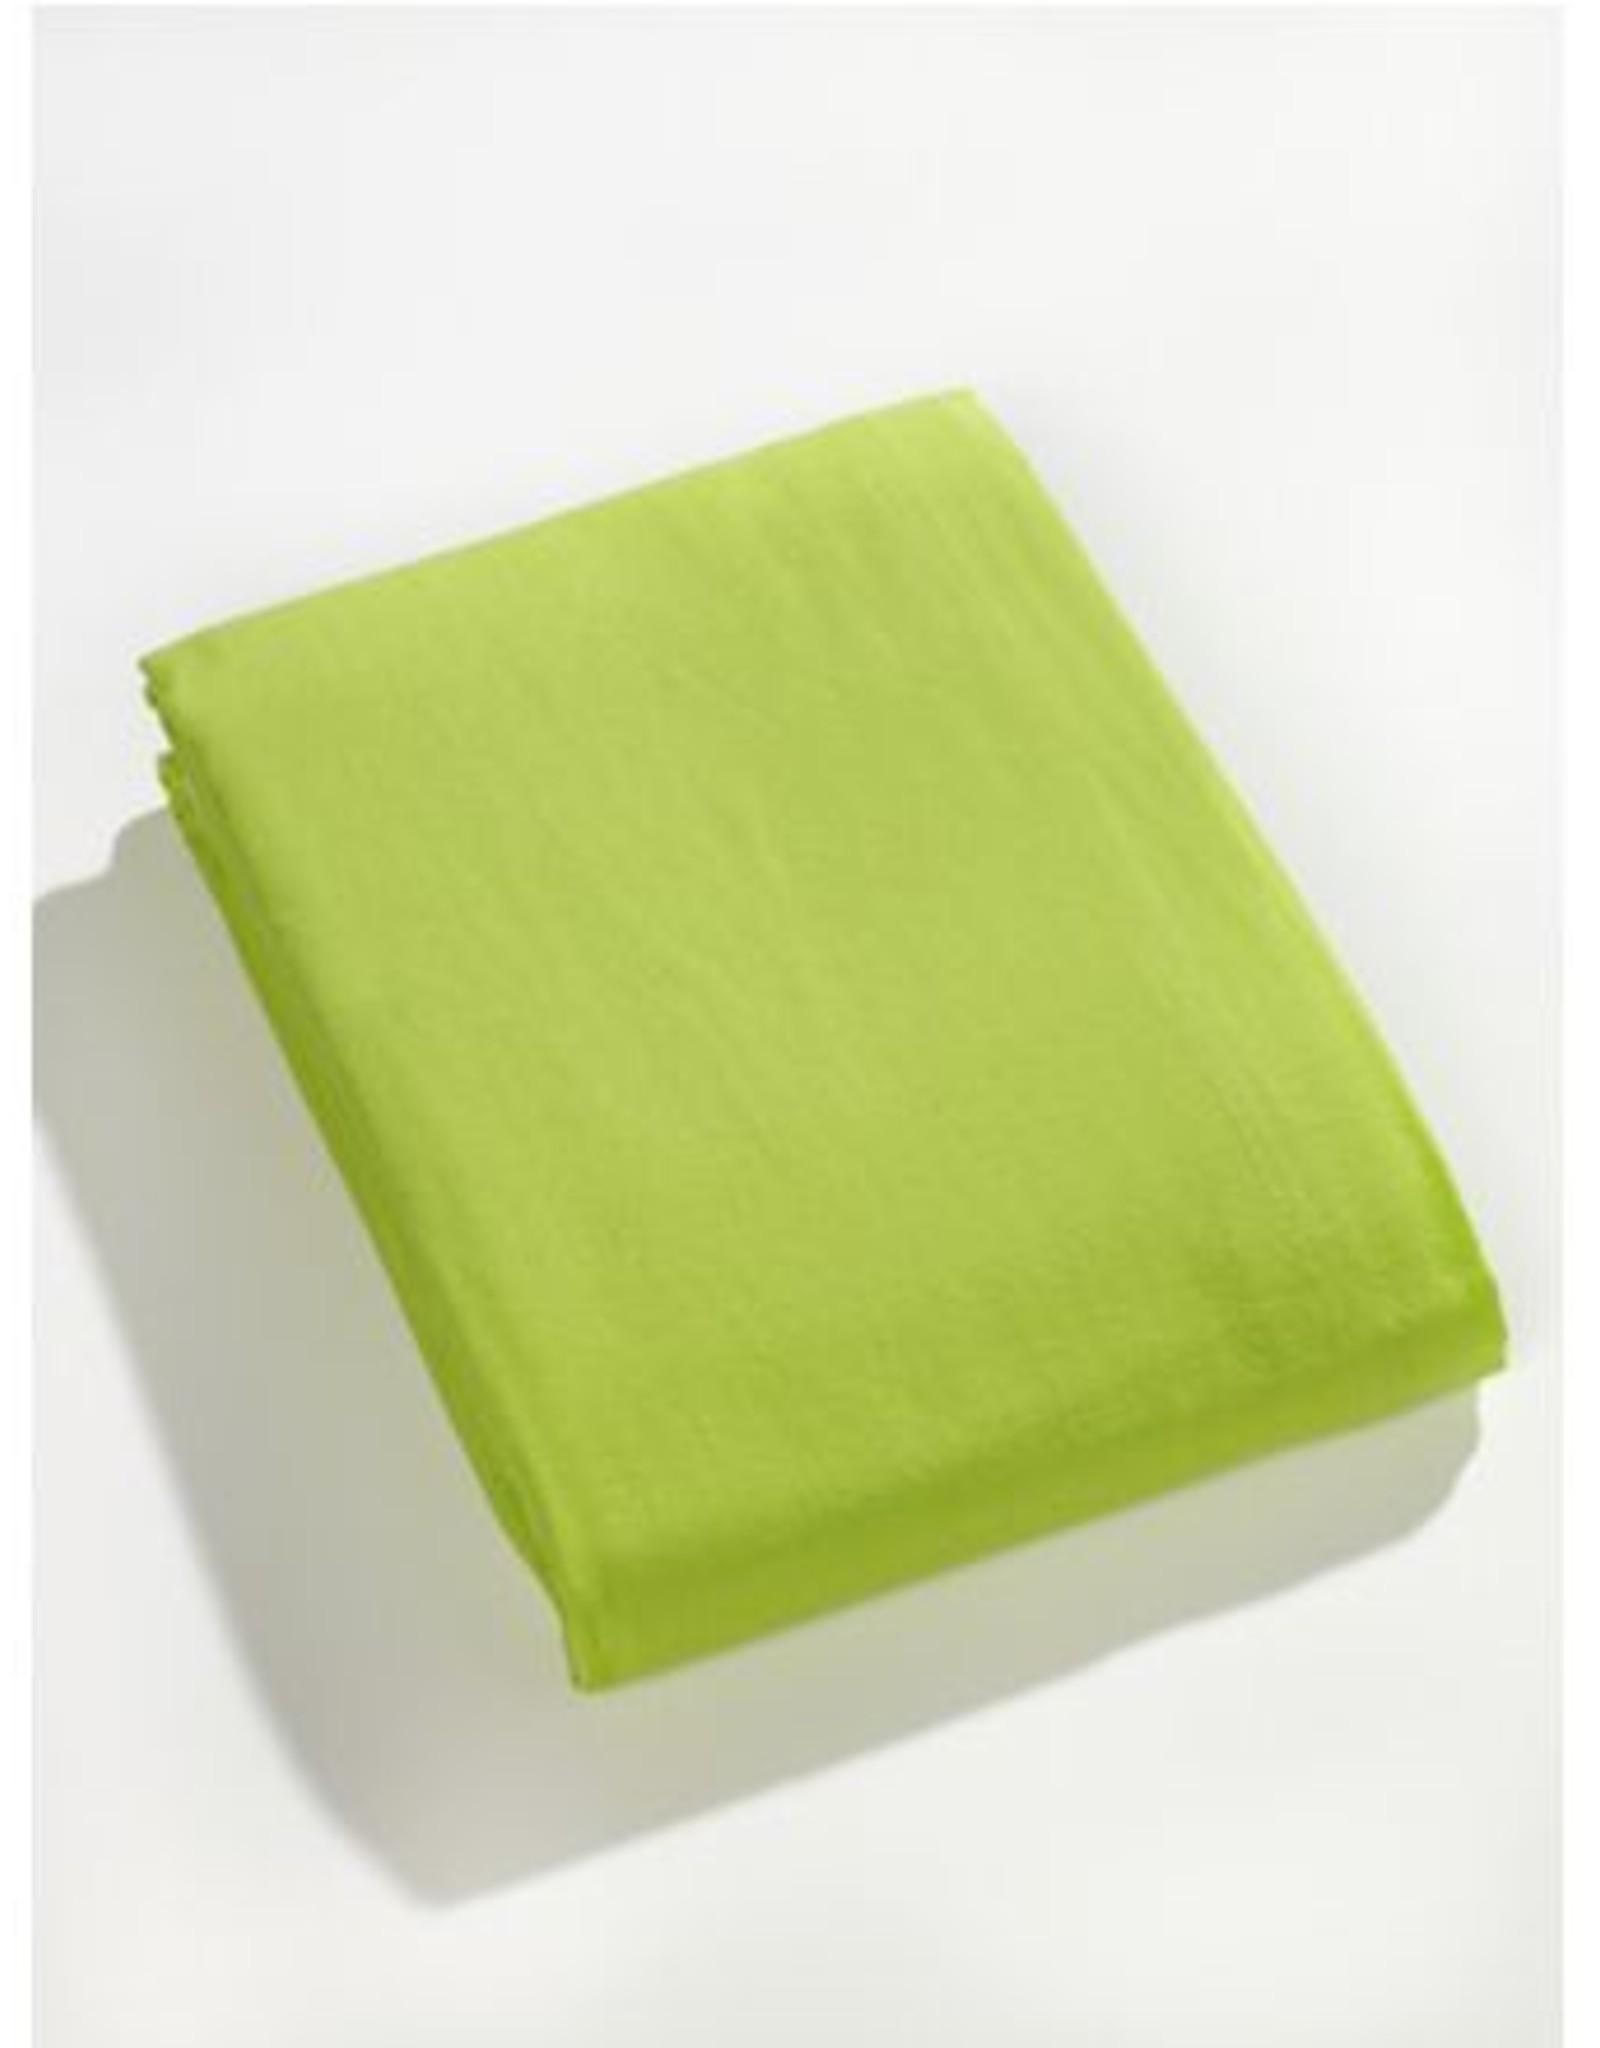 Serax Tablecloth Citrus